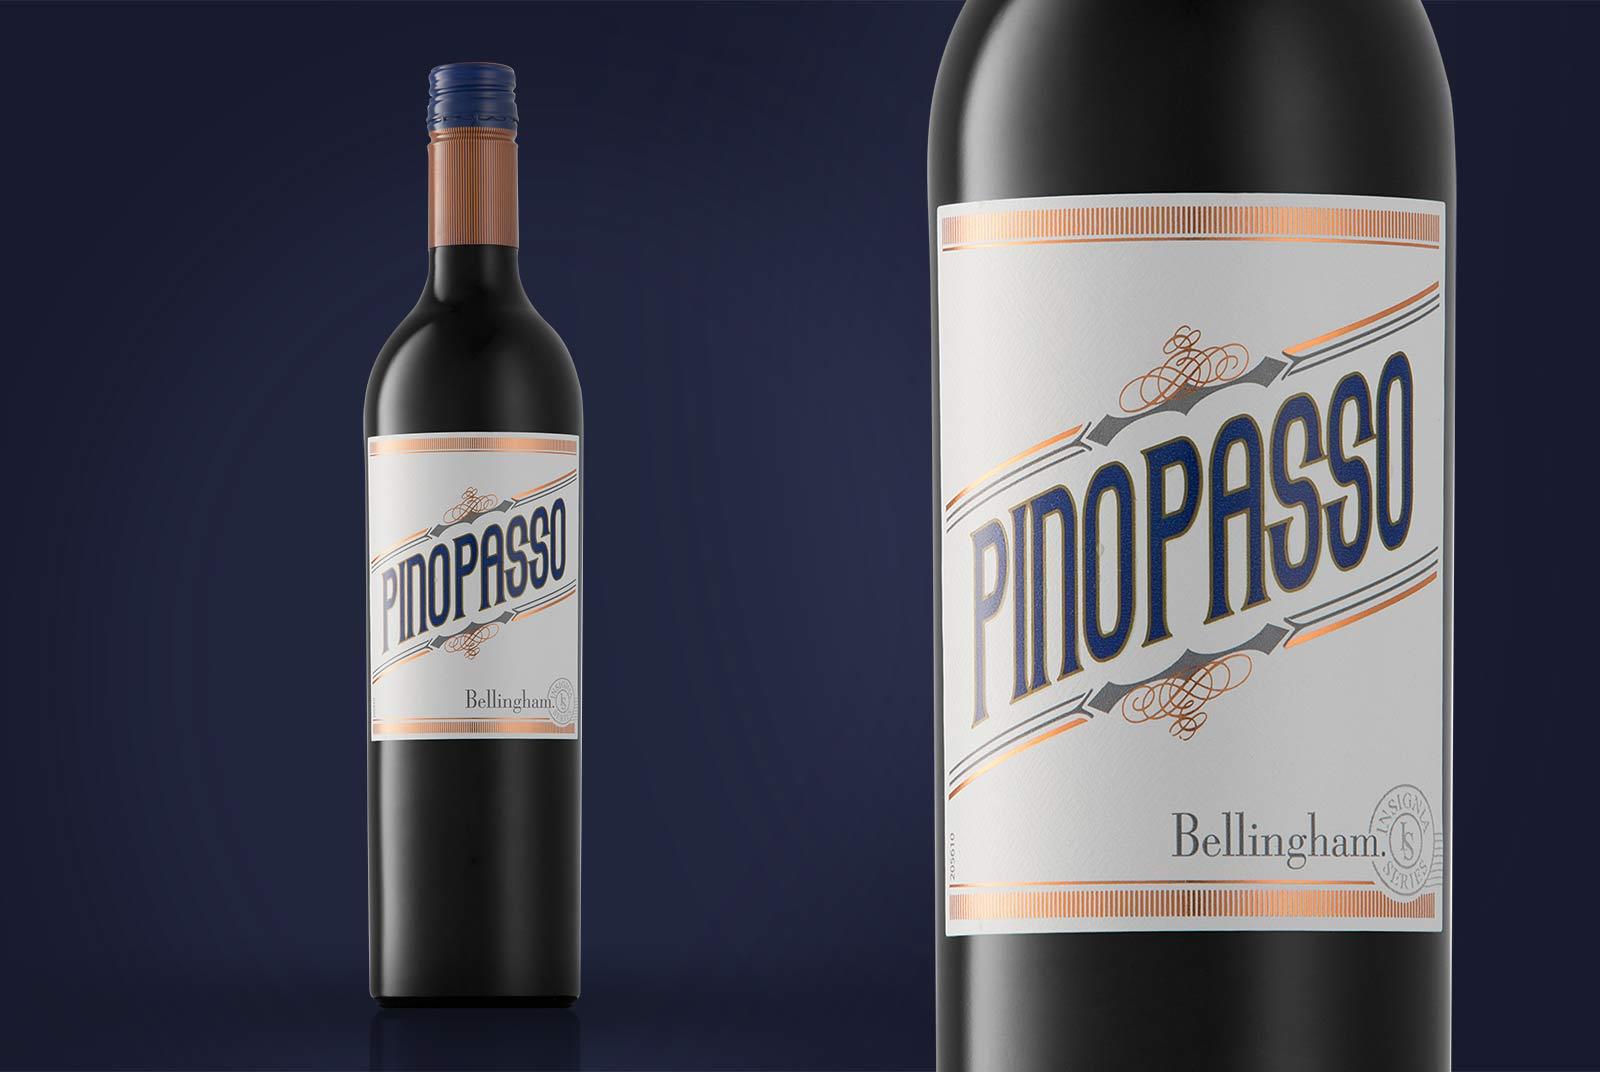 Pinopasso_3